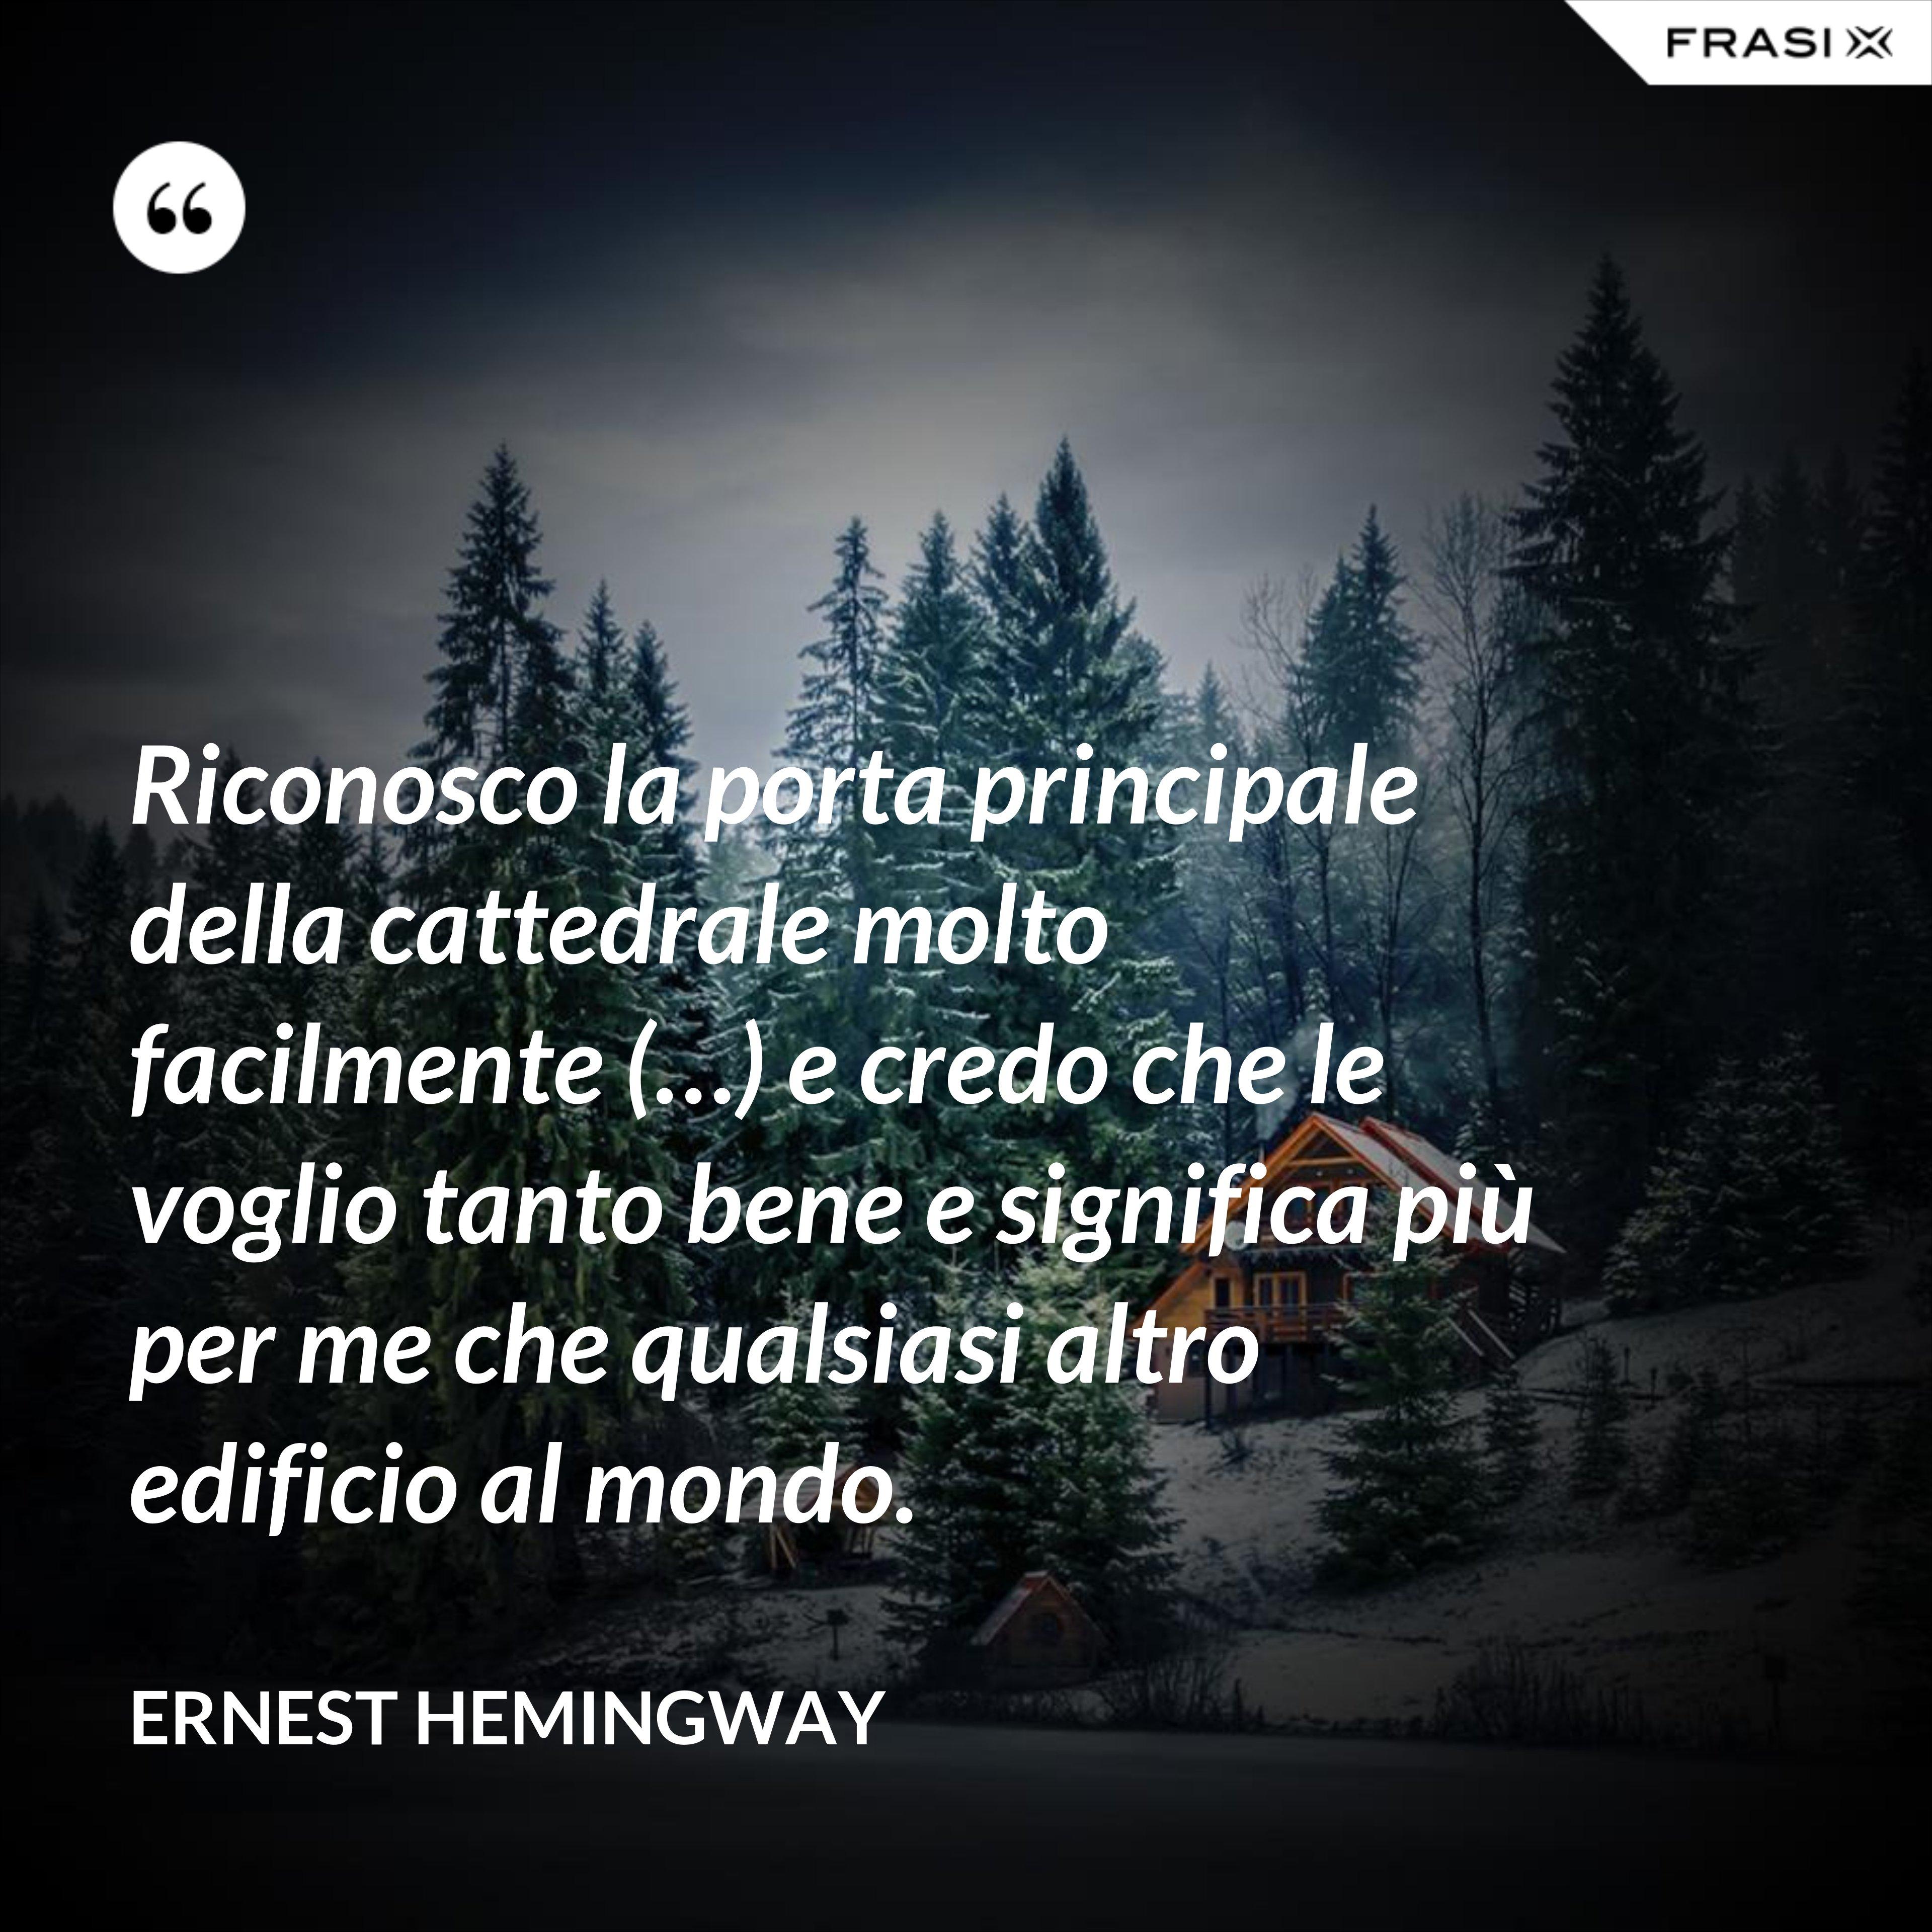 Riconosco la porta principale della cattedrale molto facilmente (…) e credo che le voglio tanto bene e significa più per me che qualsiasi altro edificio al mondo. - Ernest Hemingway